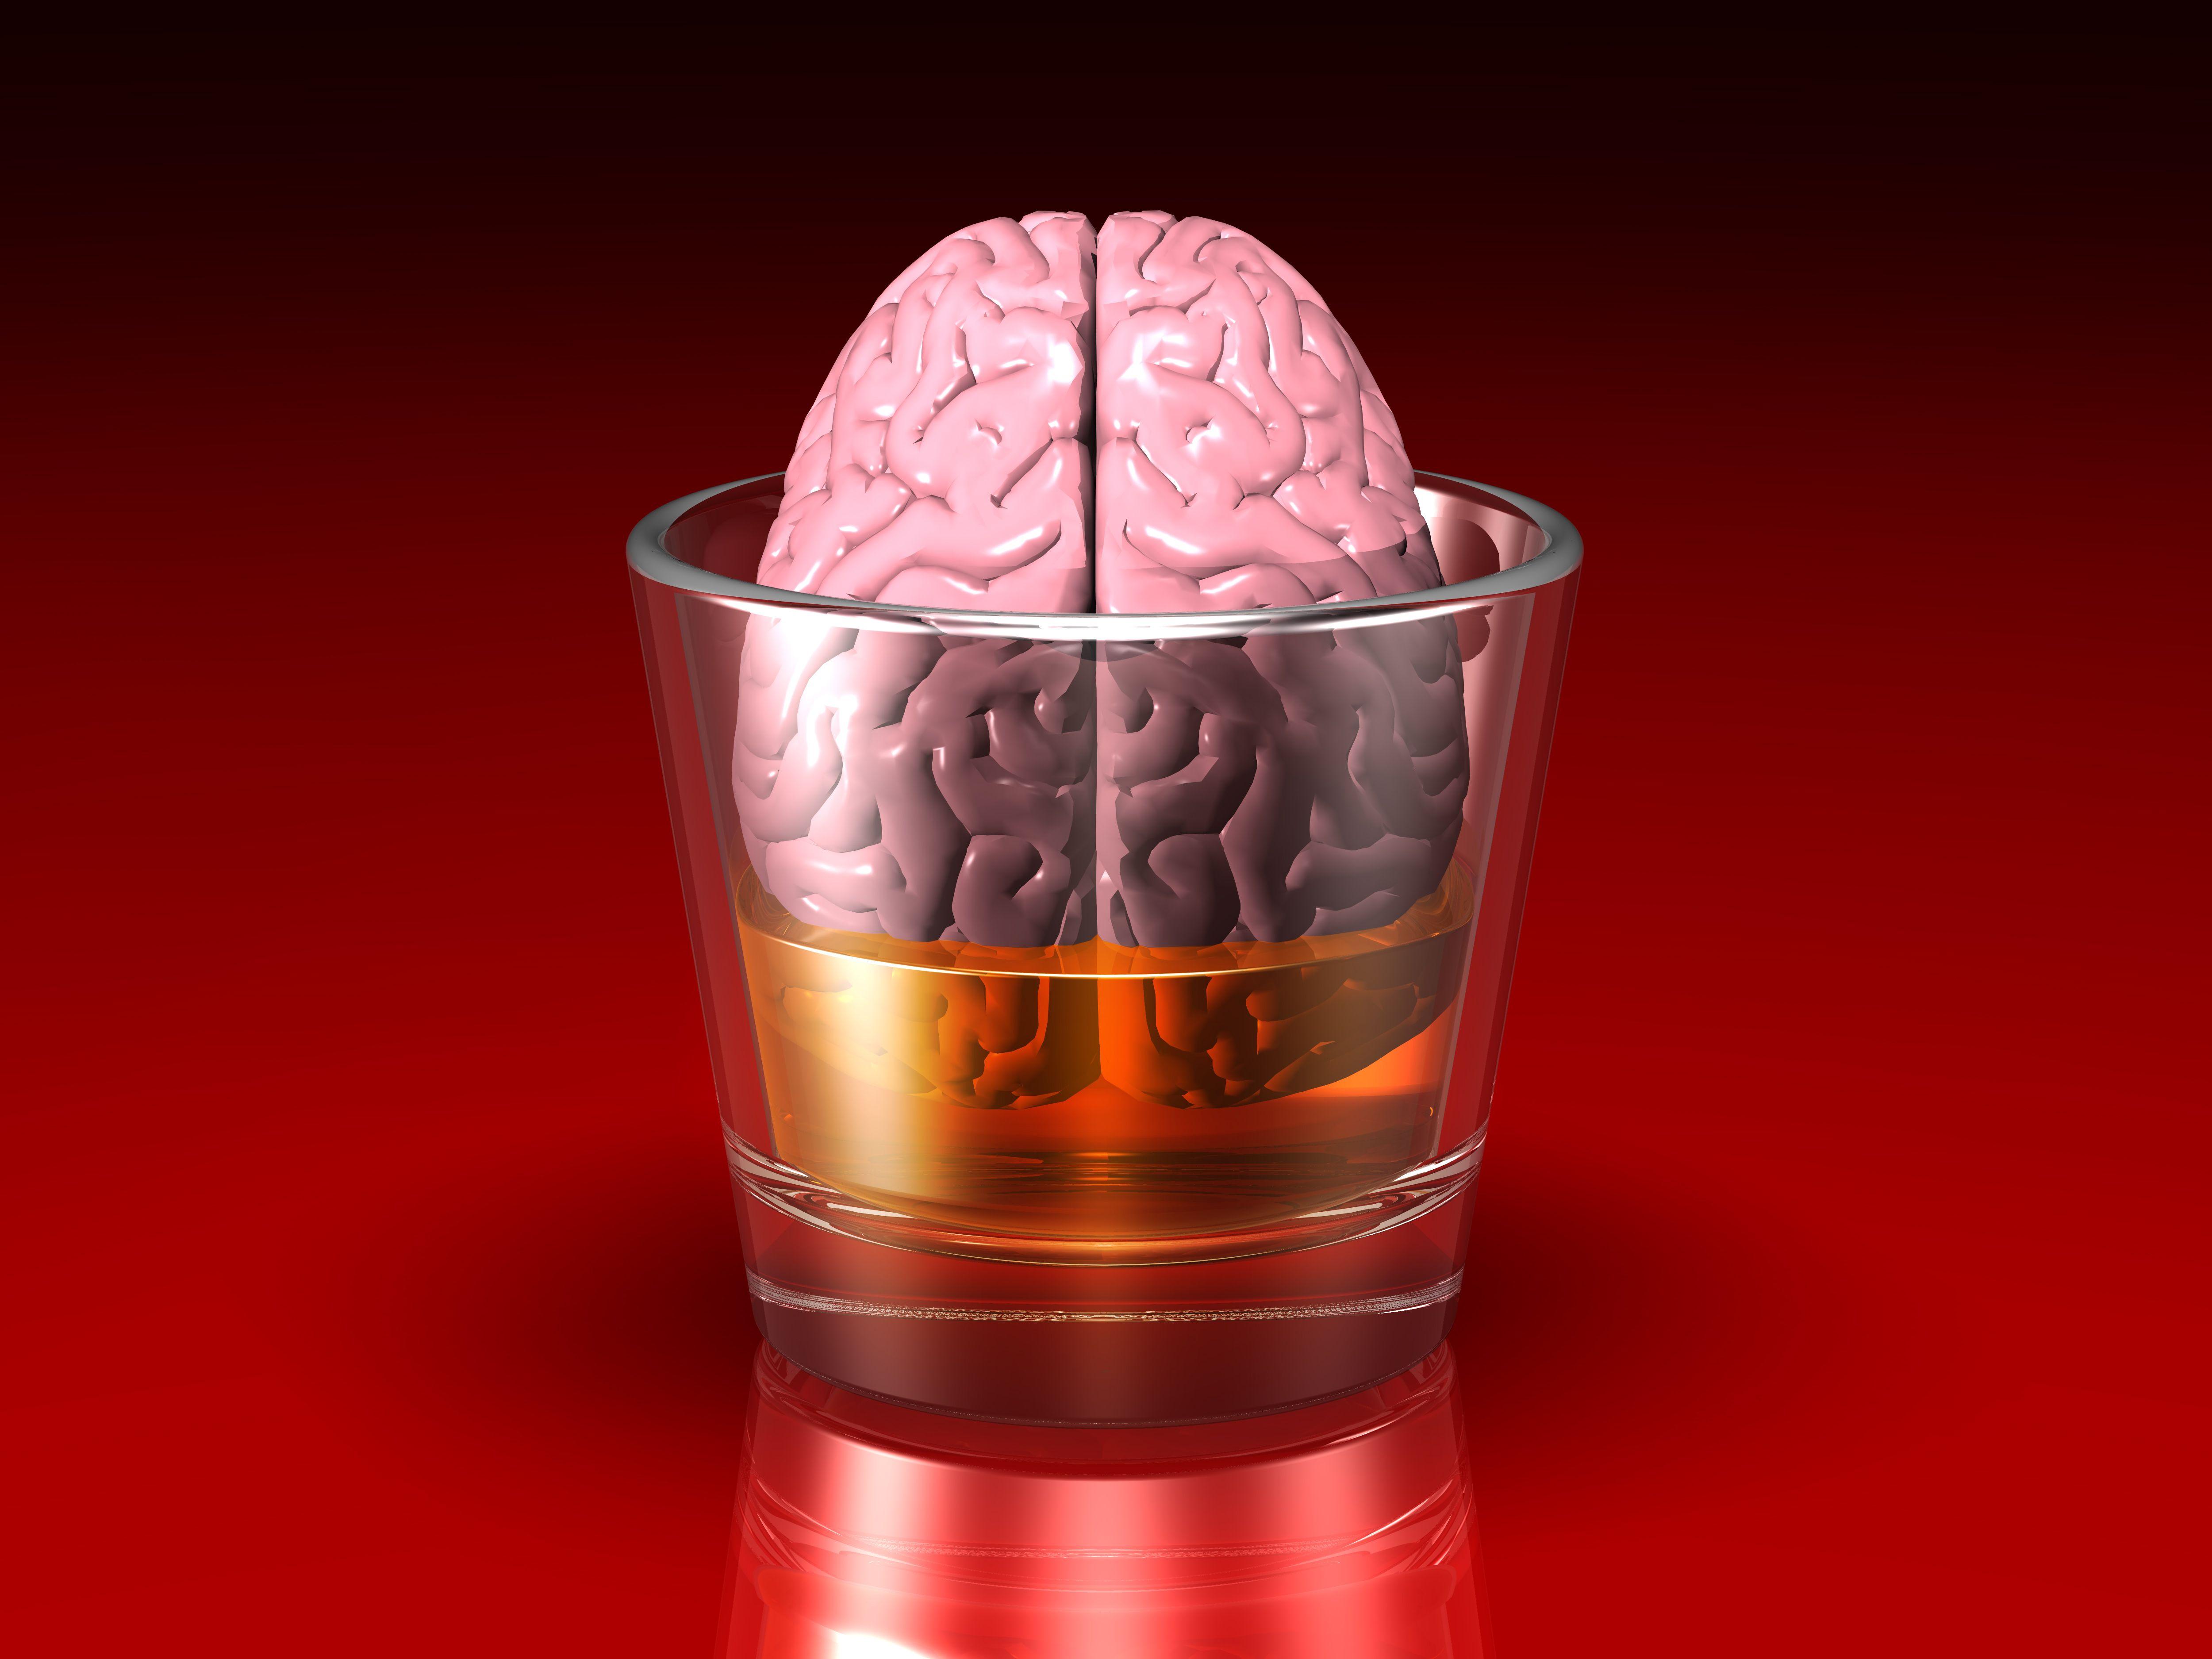 Cuidado: el alcohol tiene incidencia sobre el cerebro